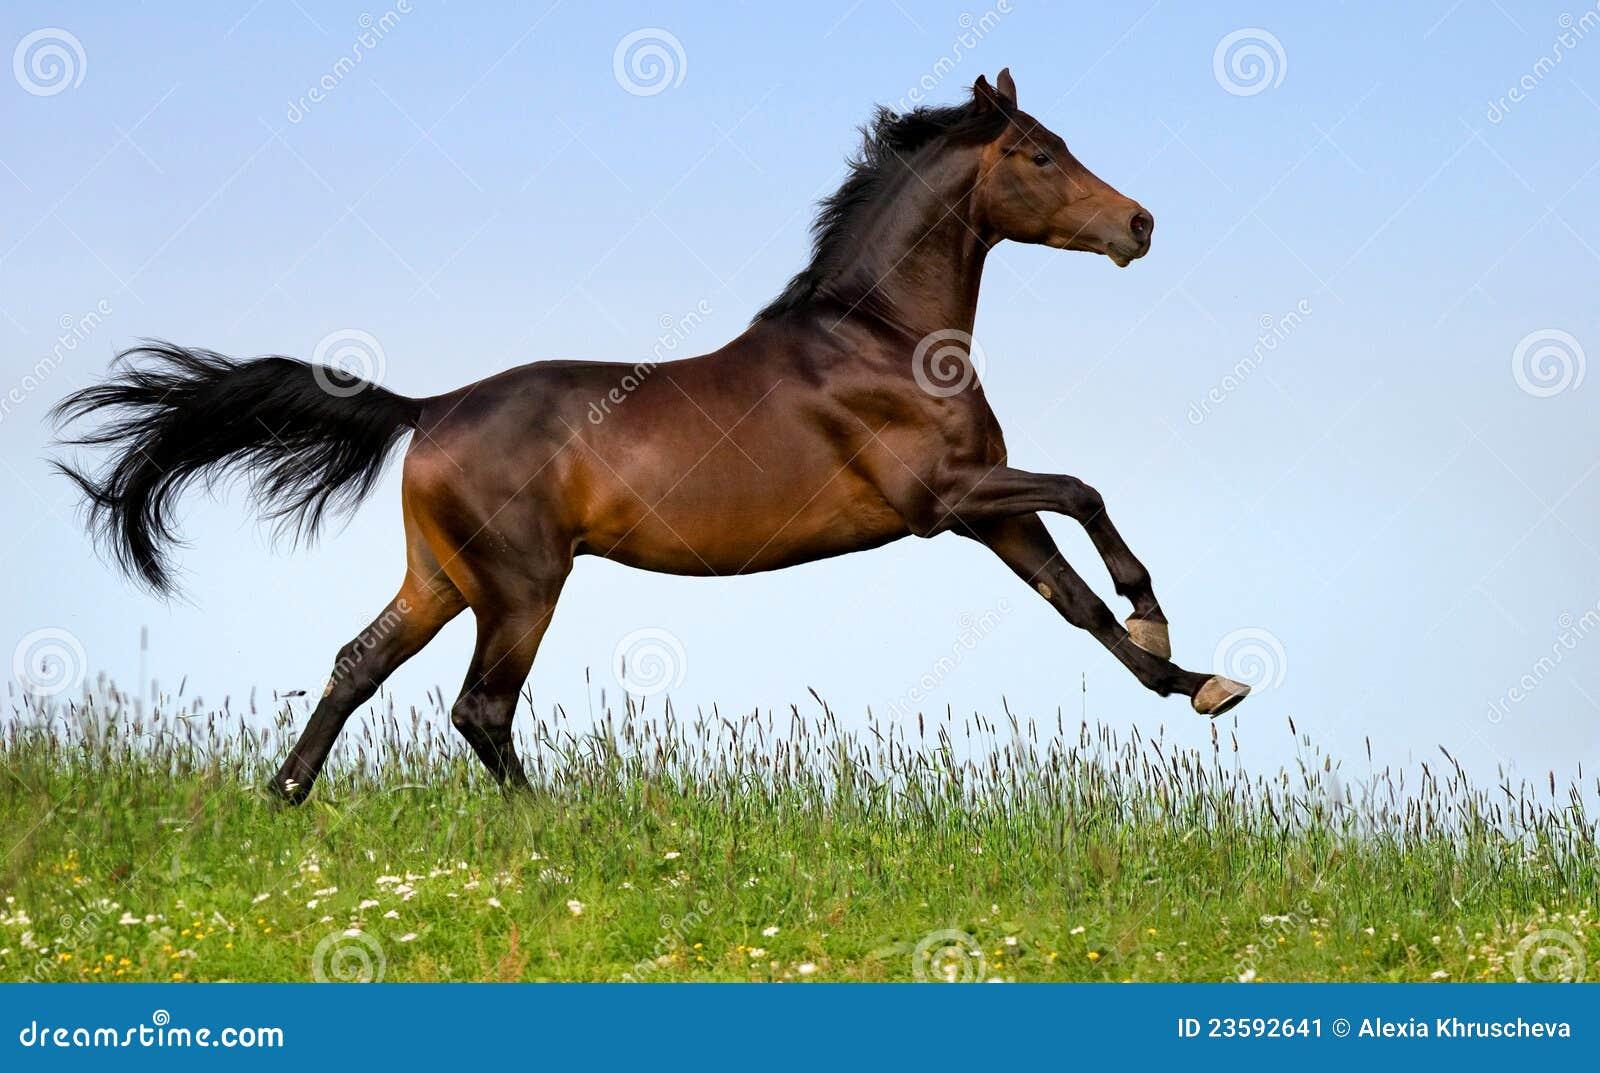 Bay horse runni...